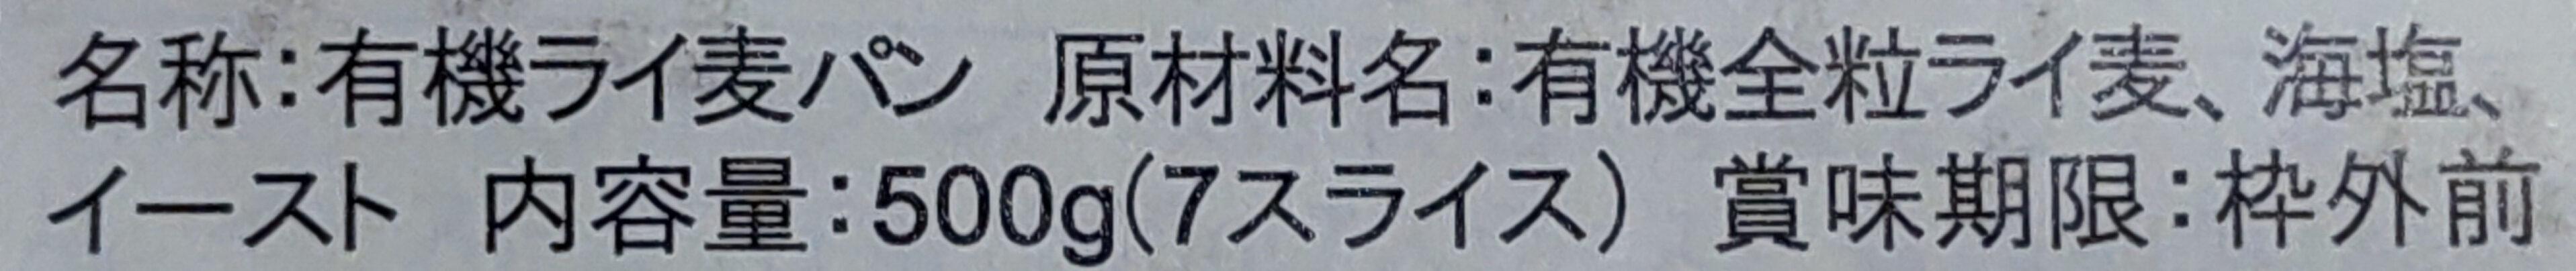 Vollkornbrot - 原材料 - en